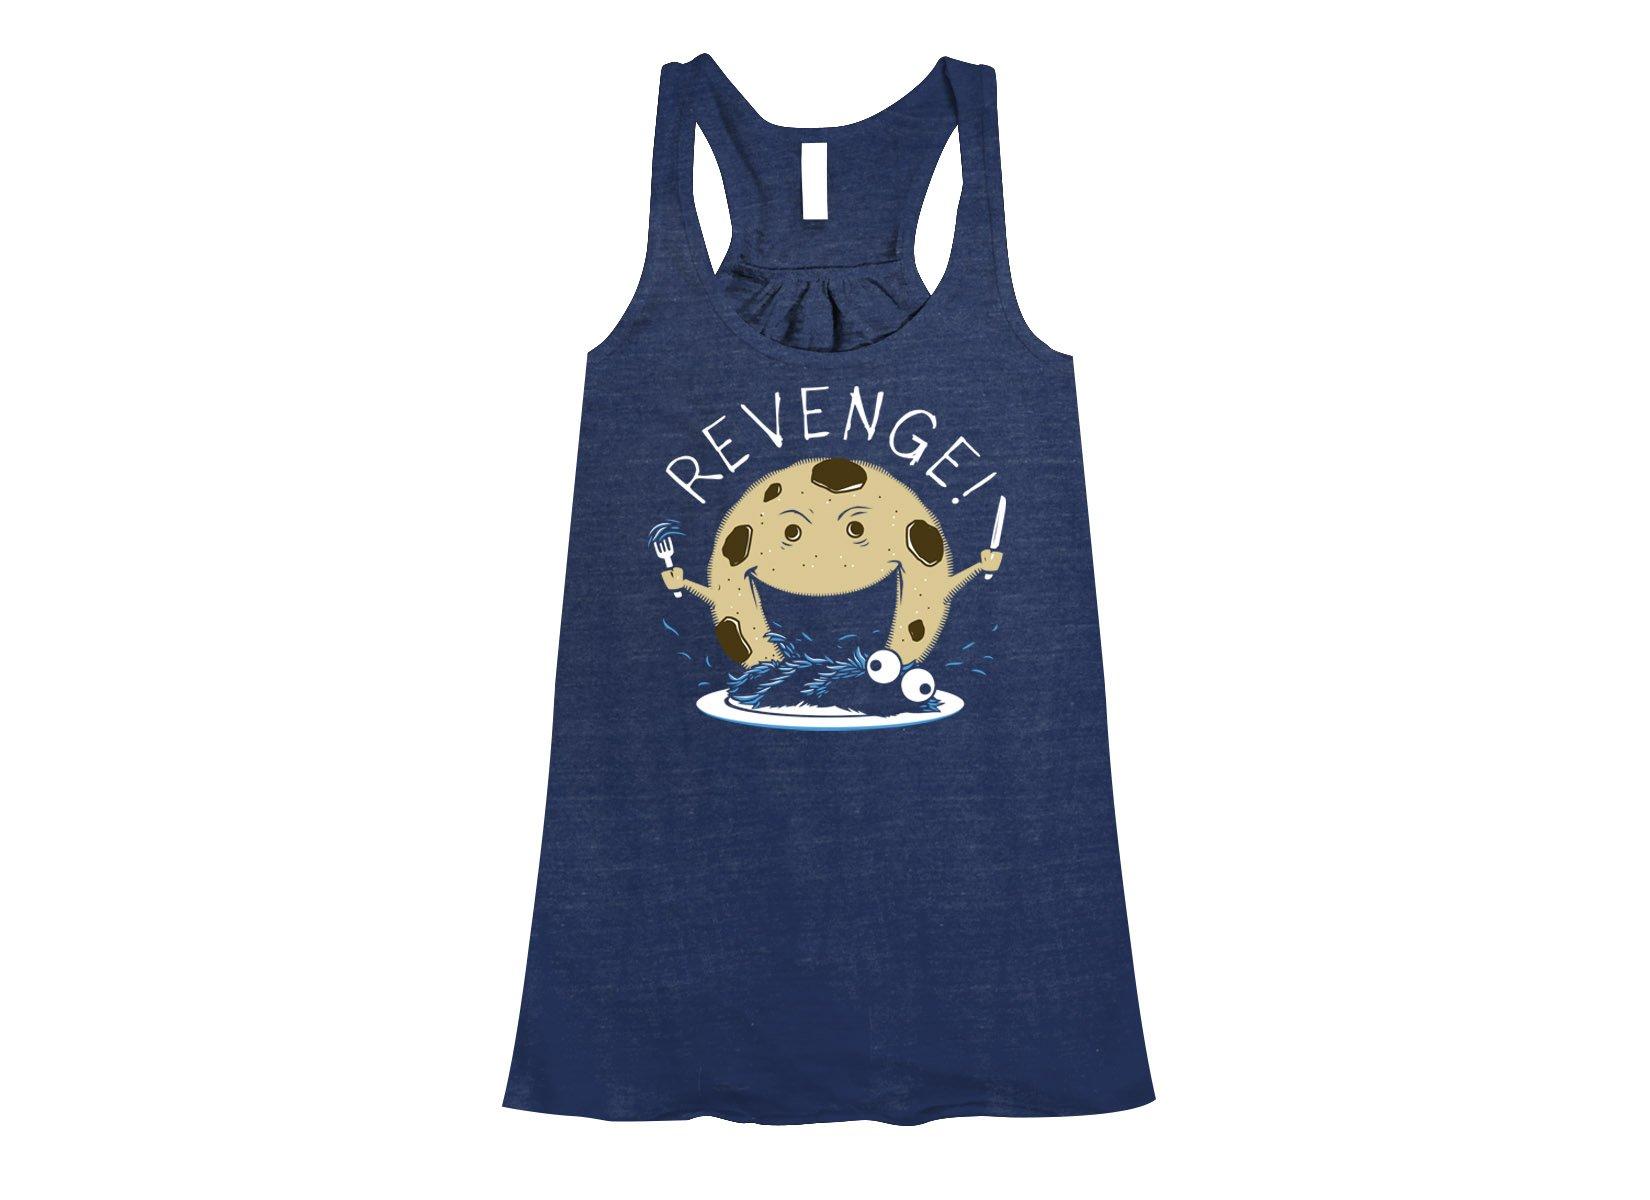 Cookie's Revenge on Womens Tanks T-Shirt